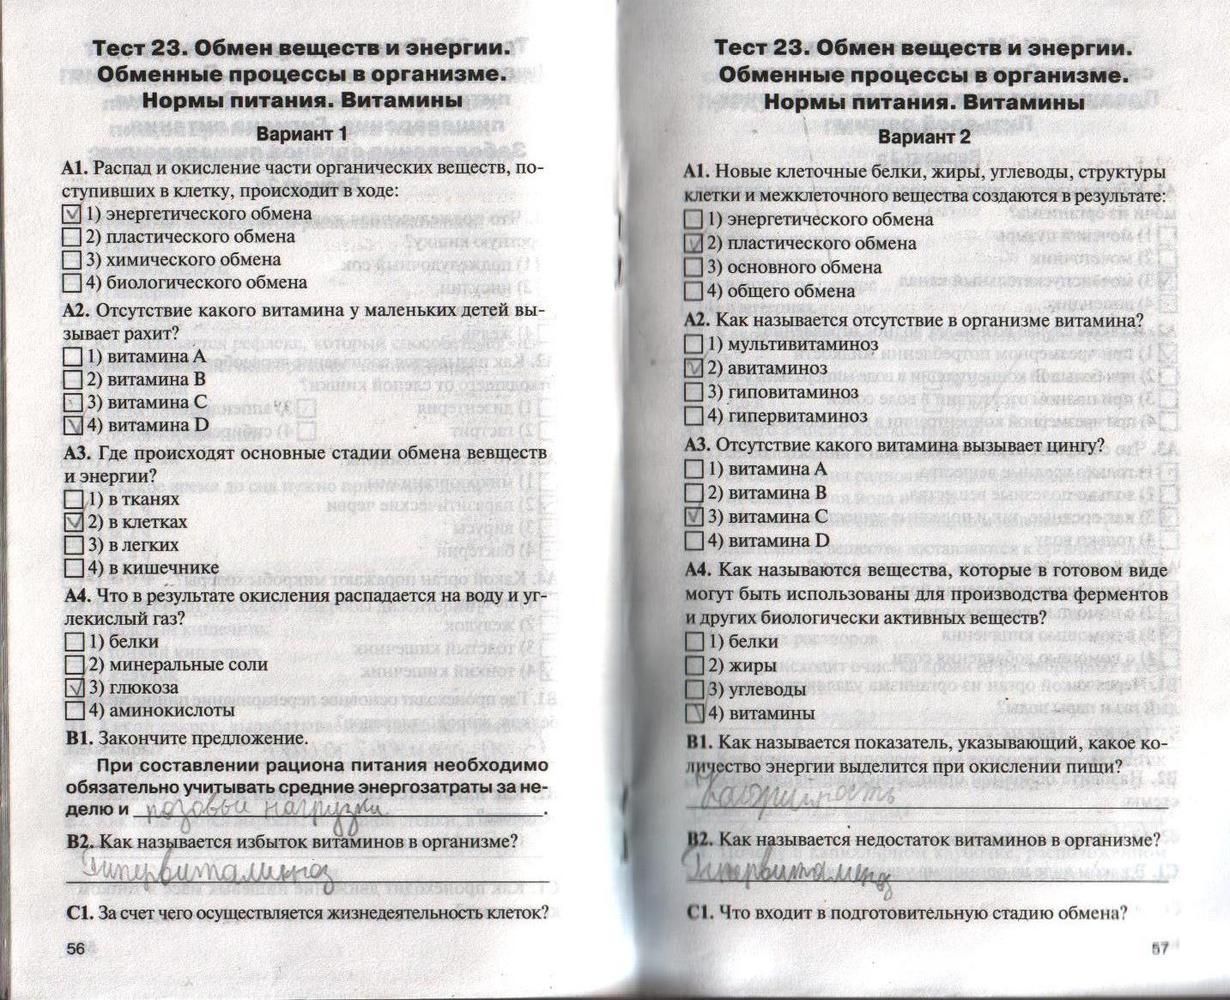 ГДЗ по биологии класс Богданов контрольно измерительные   56 57